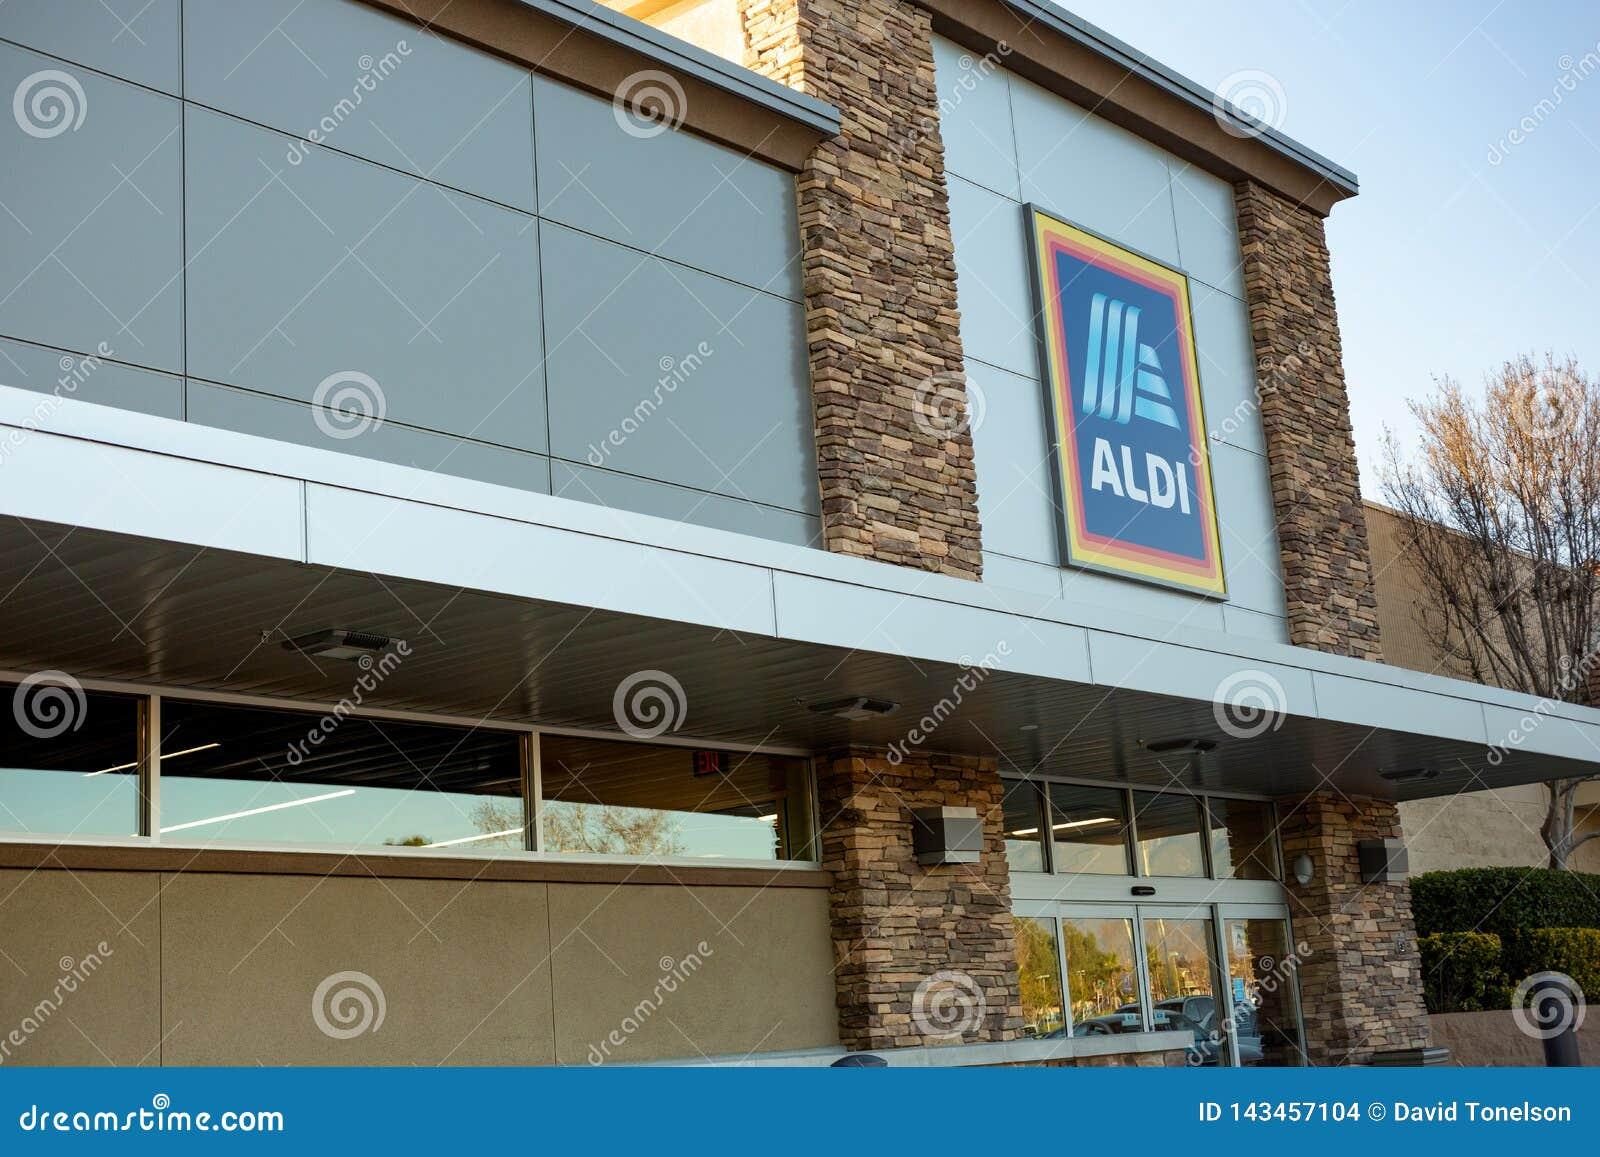 Budynek dla sklepu spożywczego Aldi